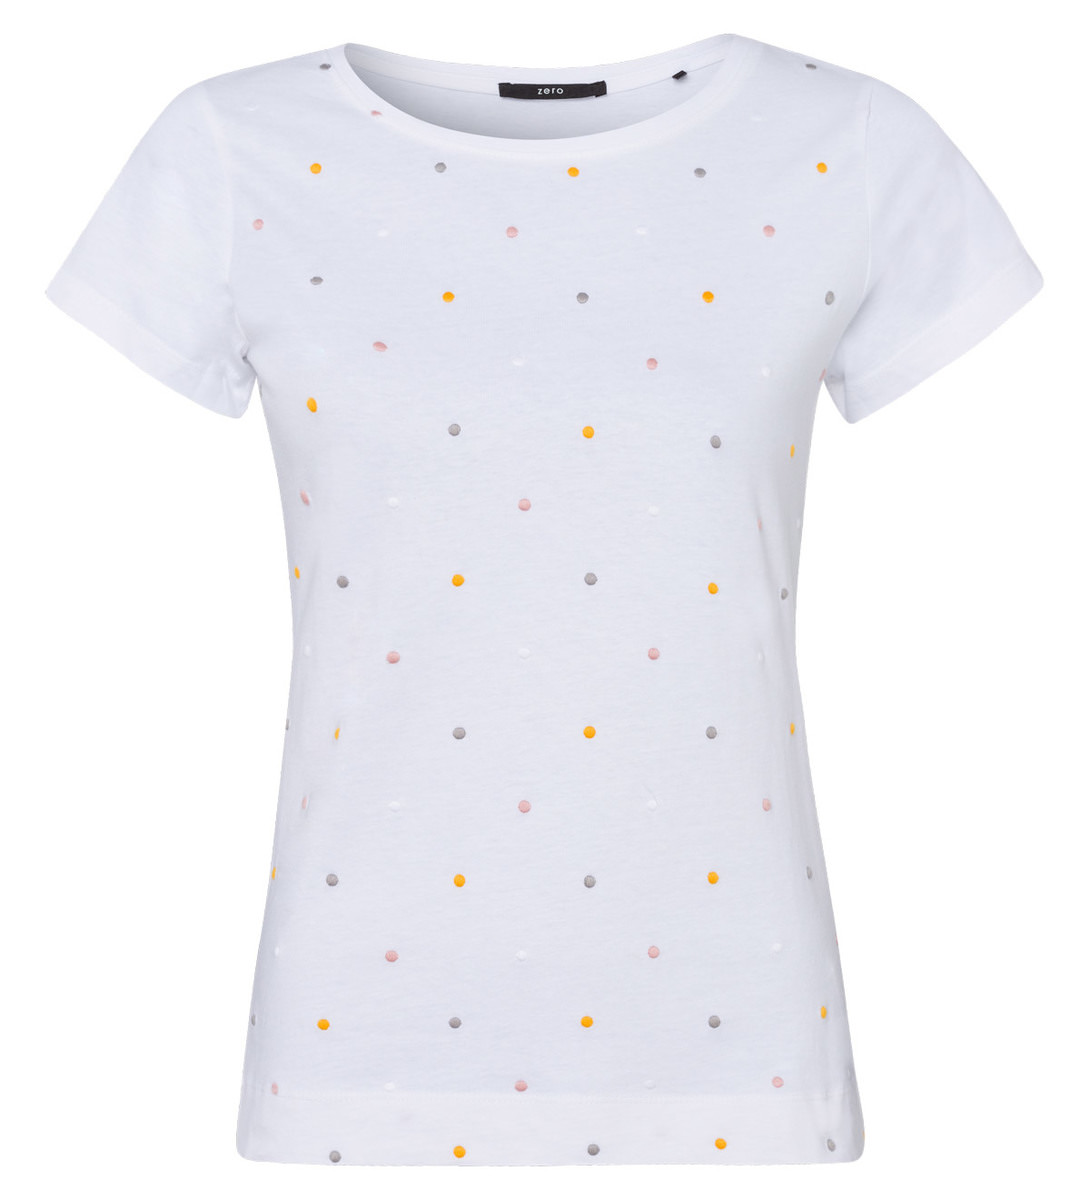 Jersey-Top mit eingestickten Punkten in white